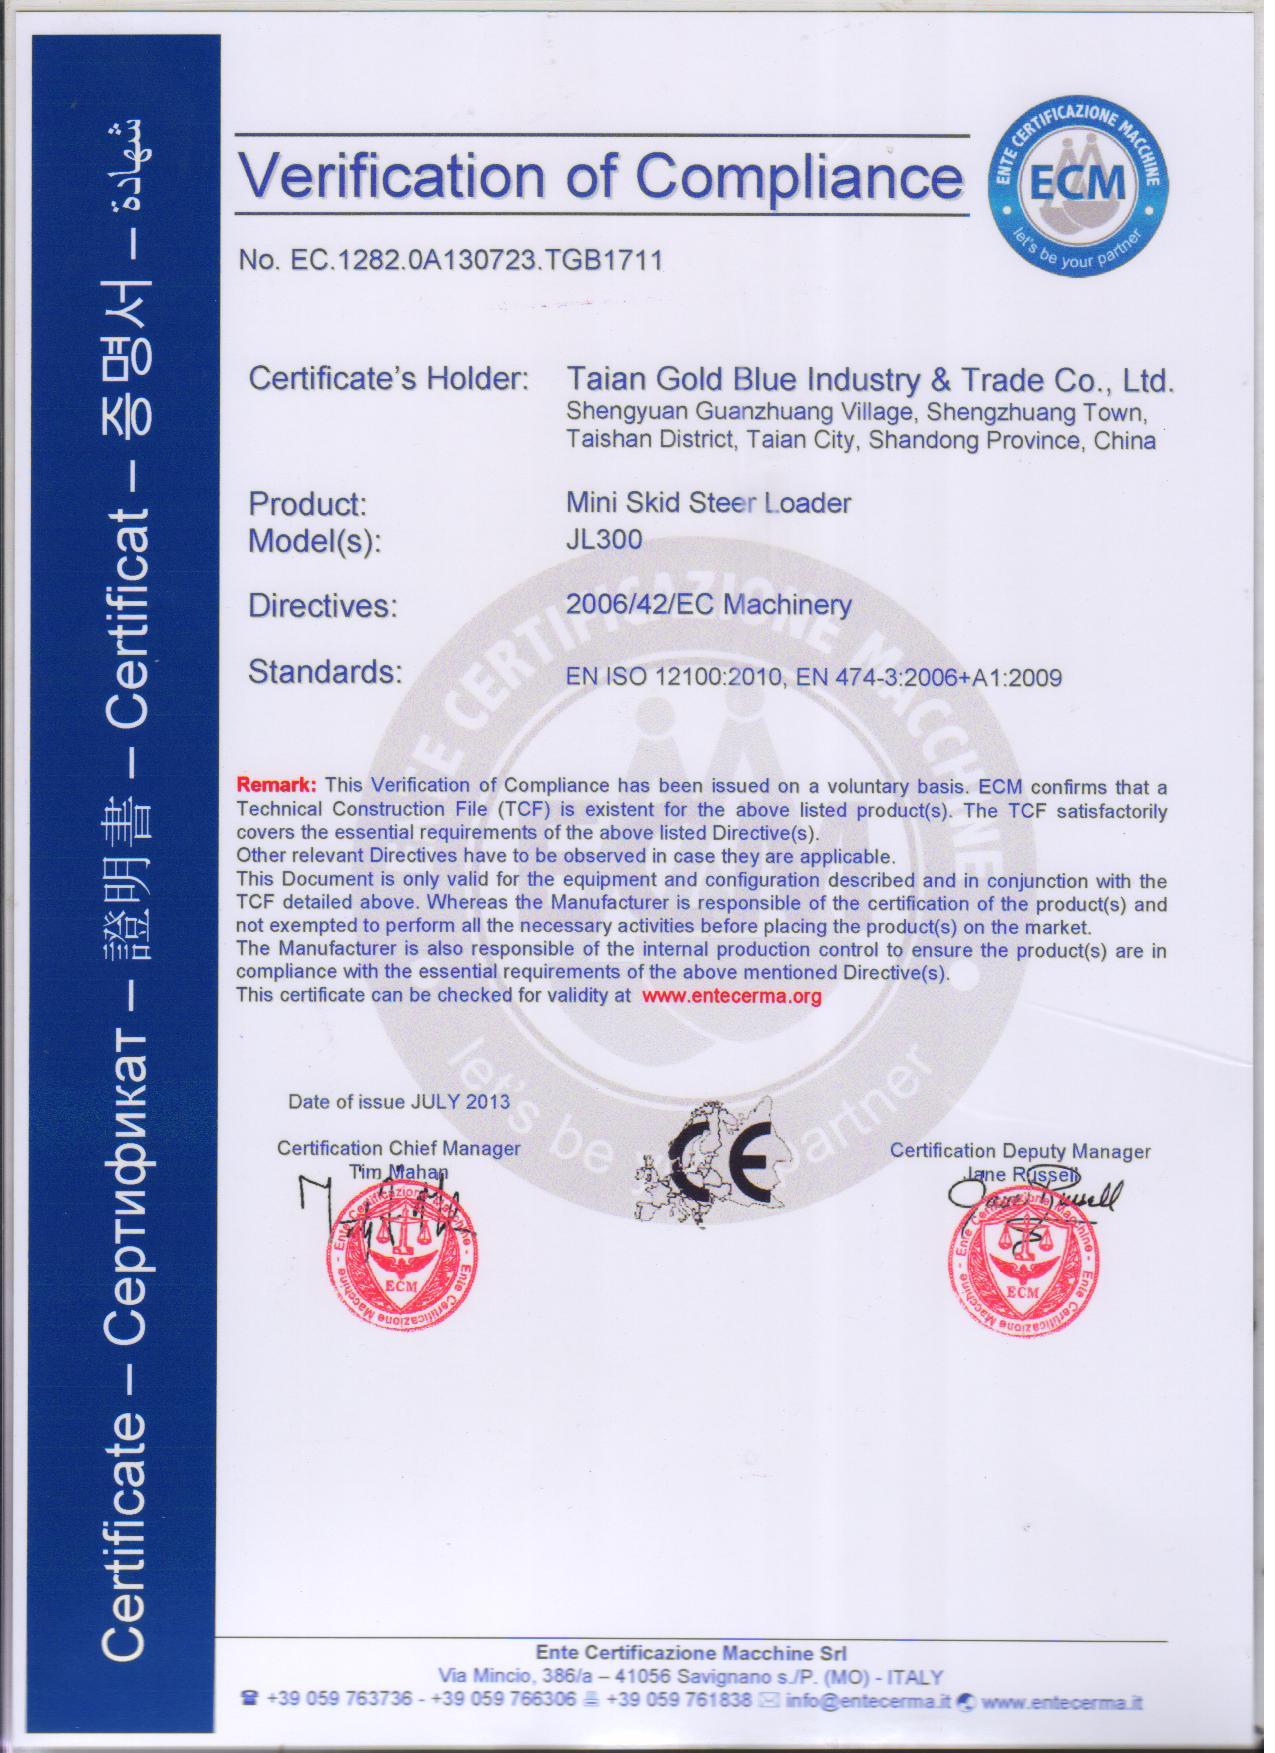 The CE certificate